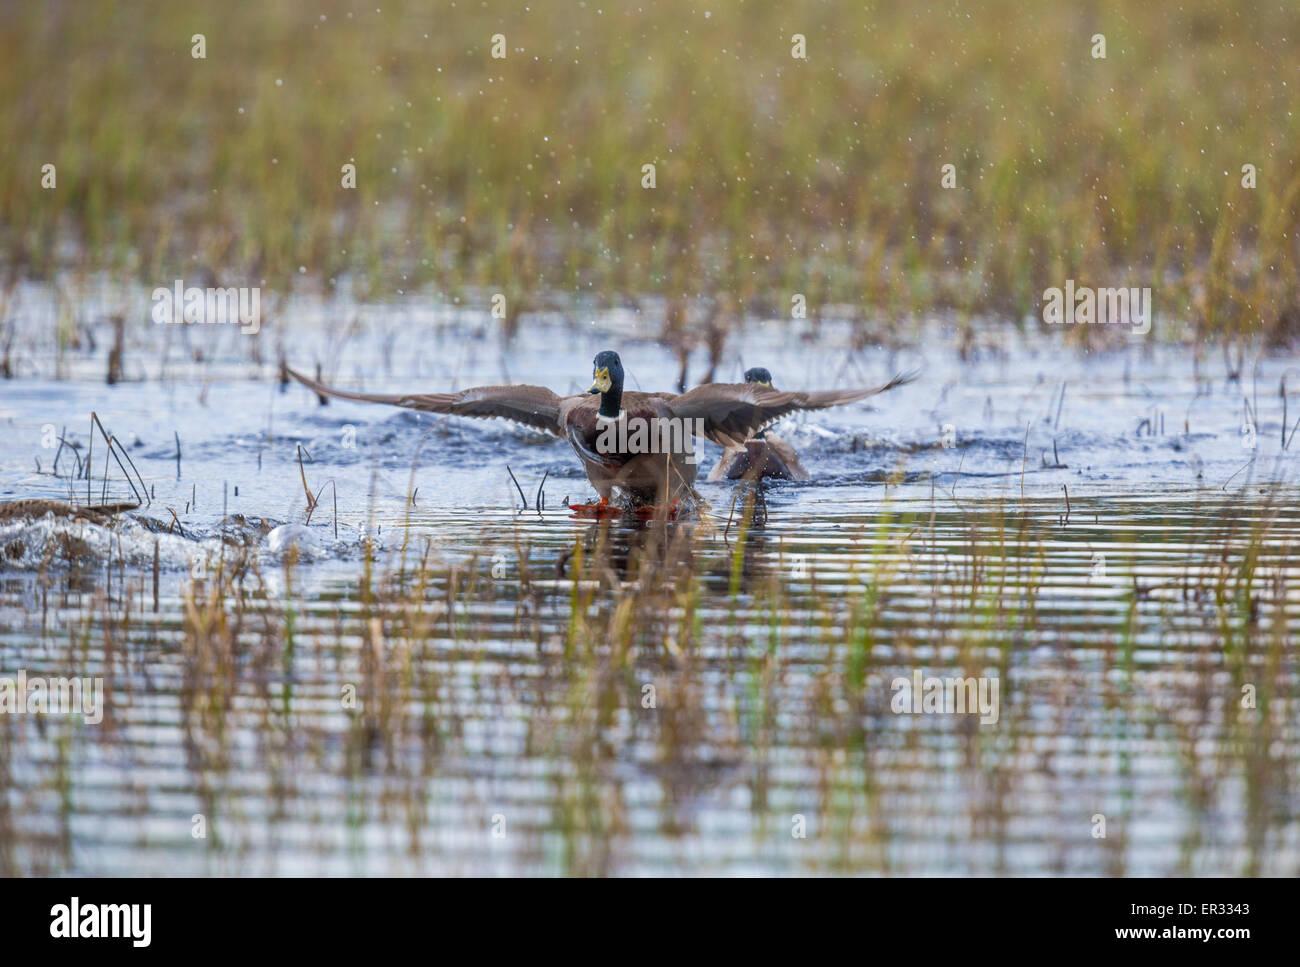 Macho de ánade real, Anas platyrhynchos, extendiendo su ala y aterrizar en el agua Imagen De Stock